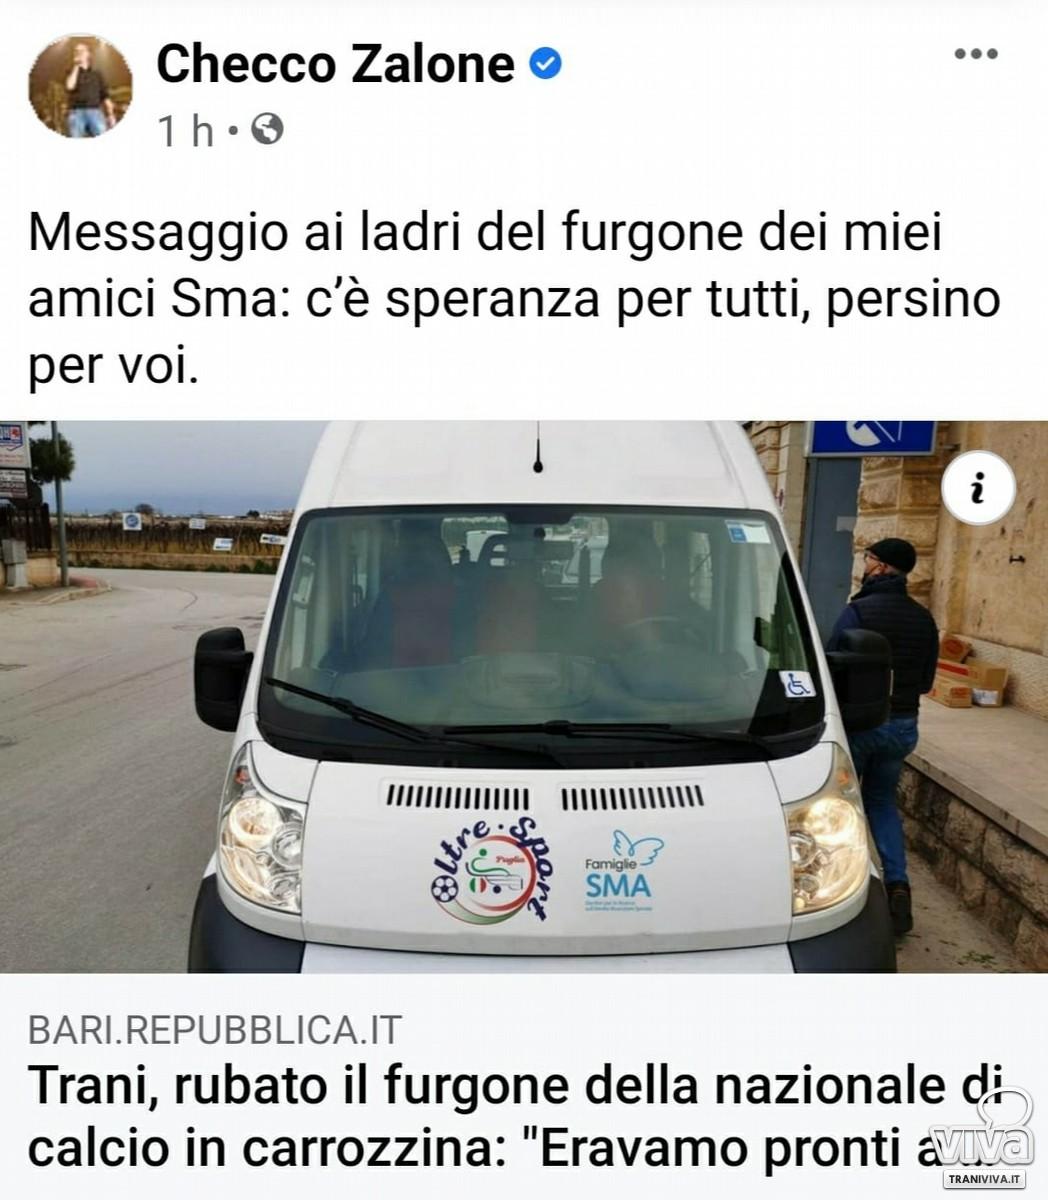 Checco Zalone commenta la notizia del furto